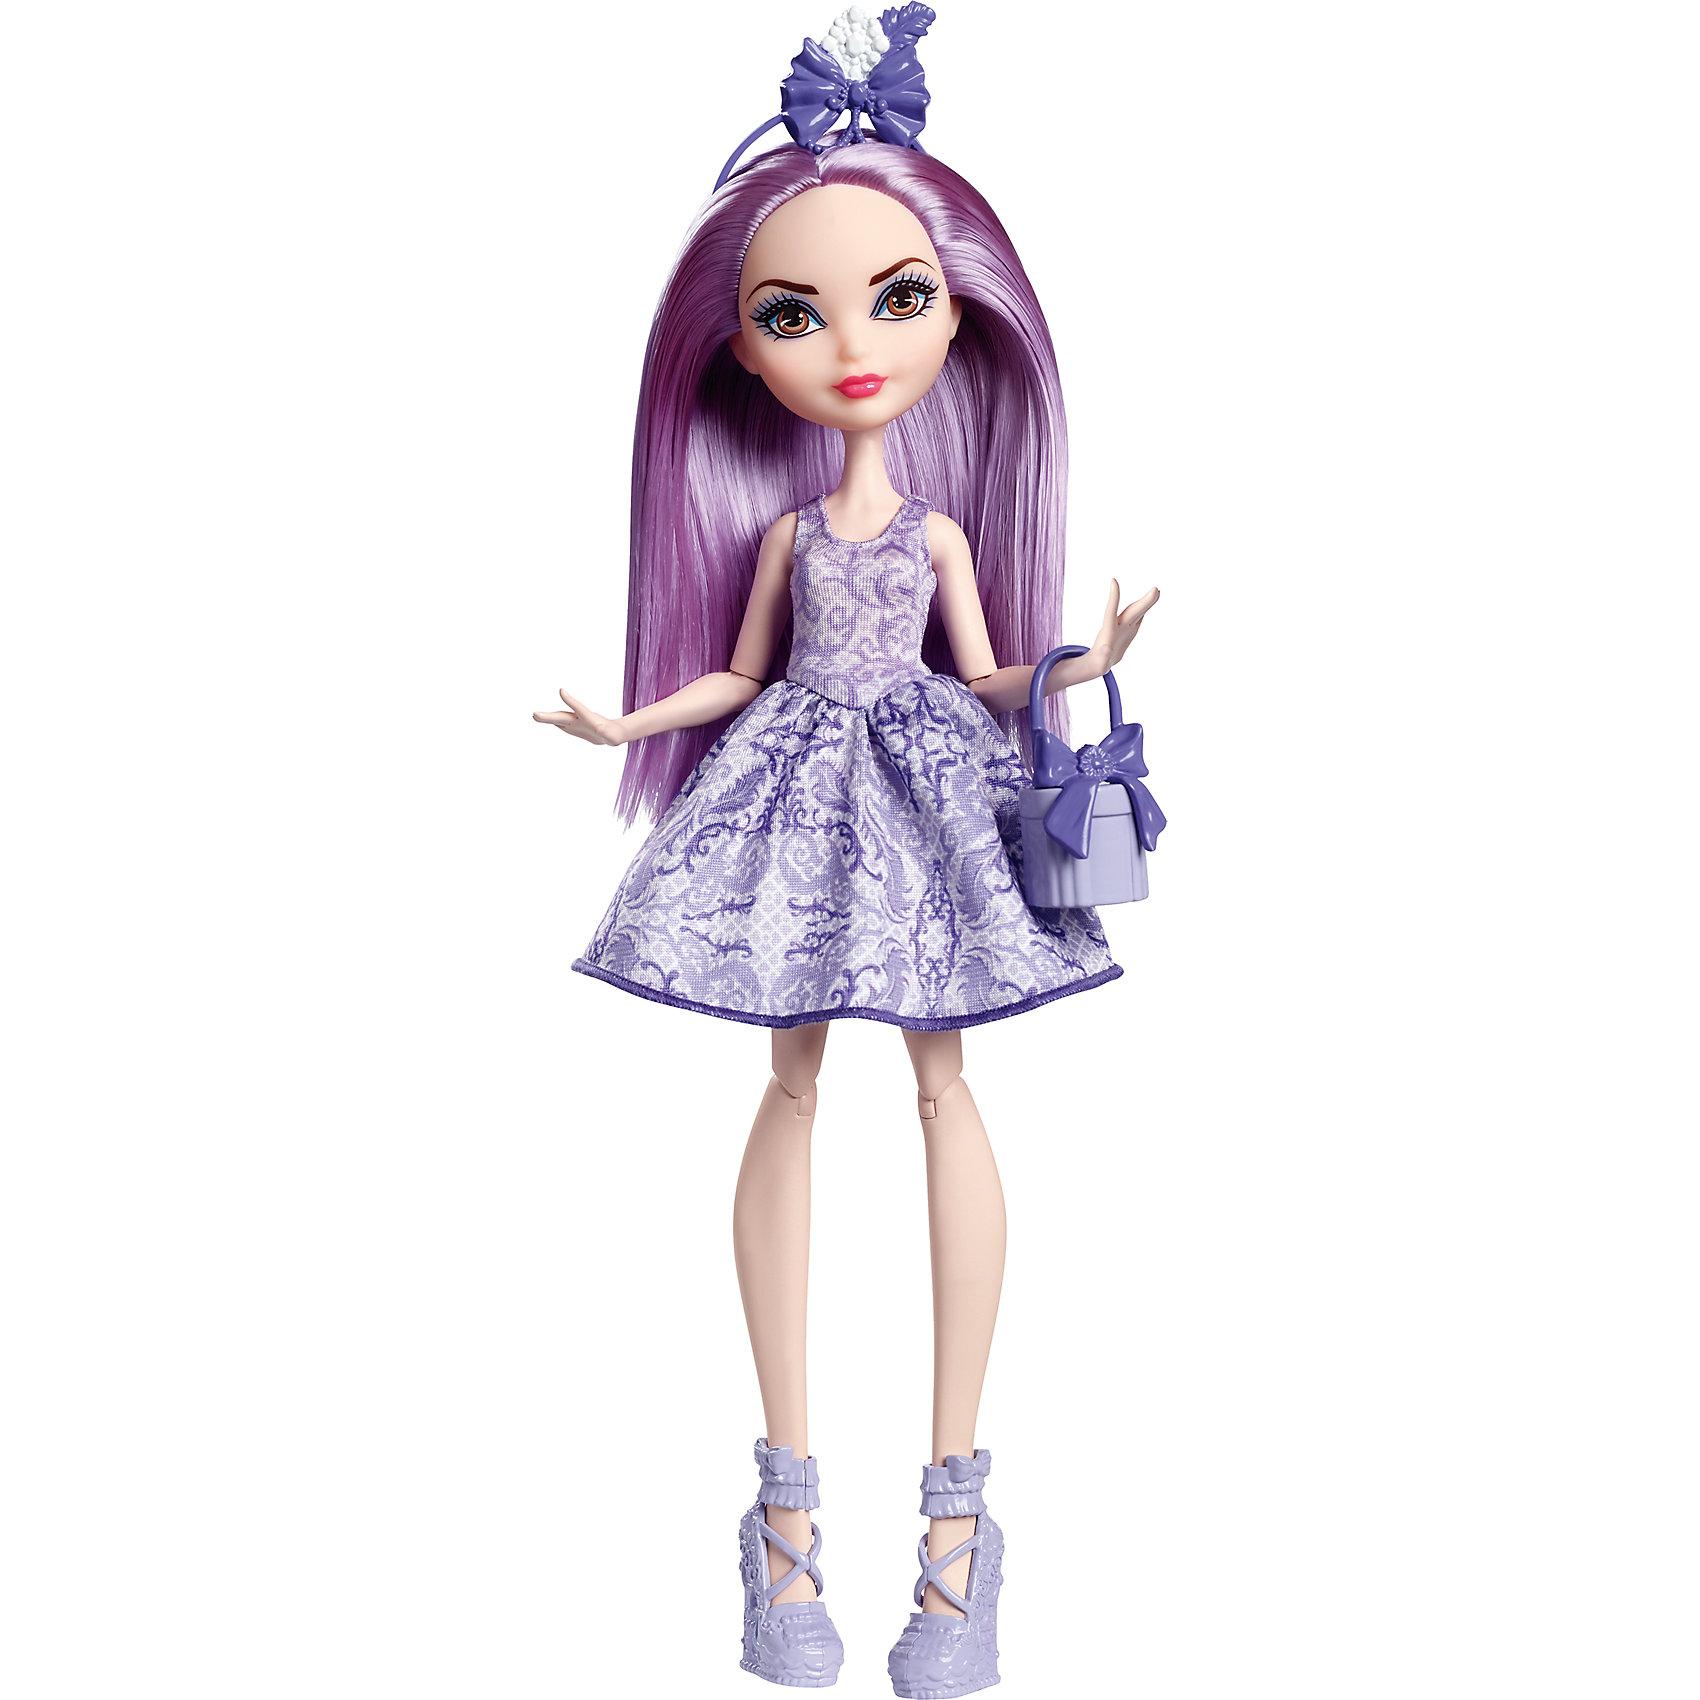 Mattel Кукла Дачесс Свон из серии Именинный бал, Ever After High